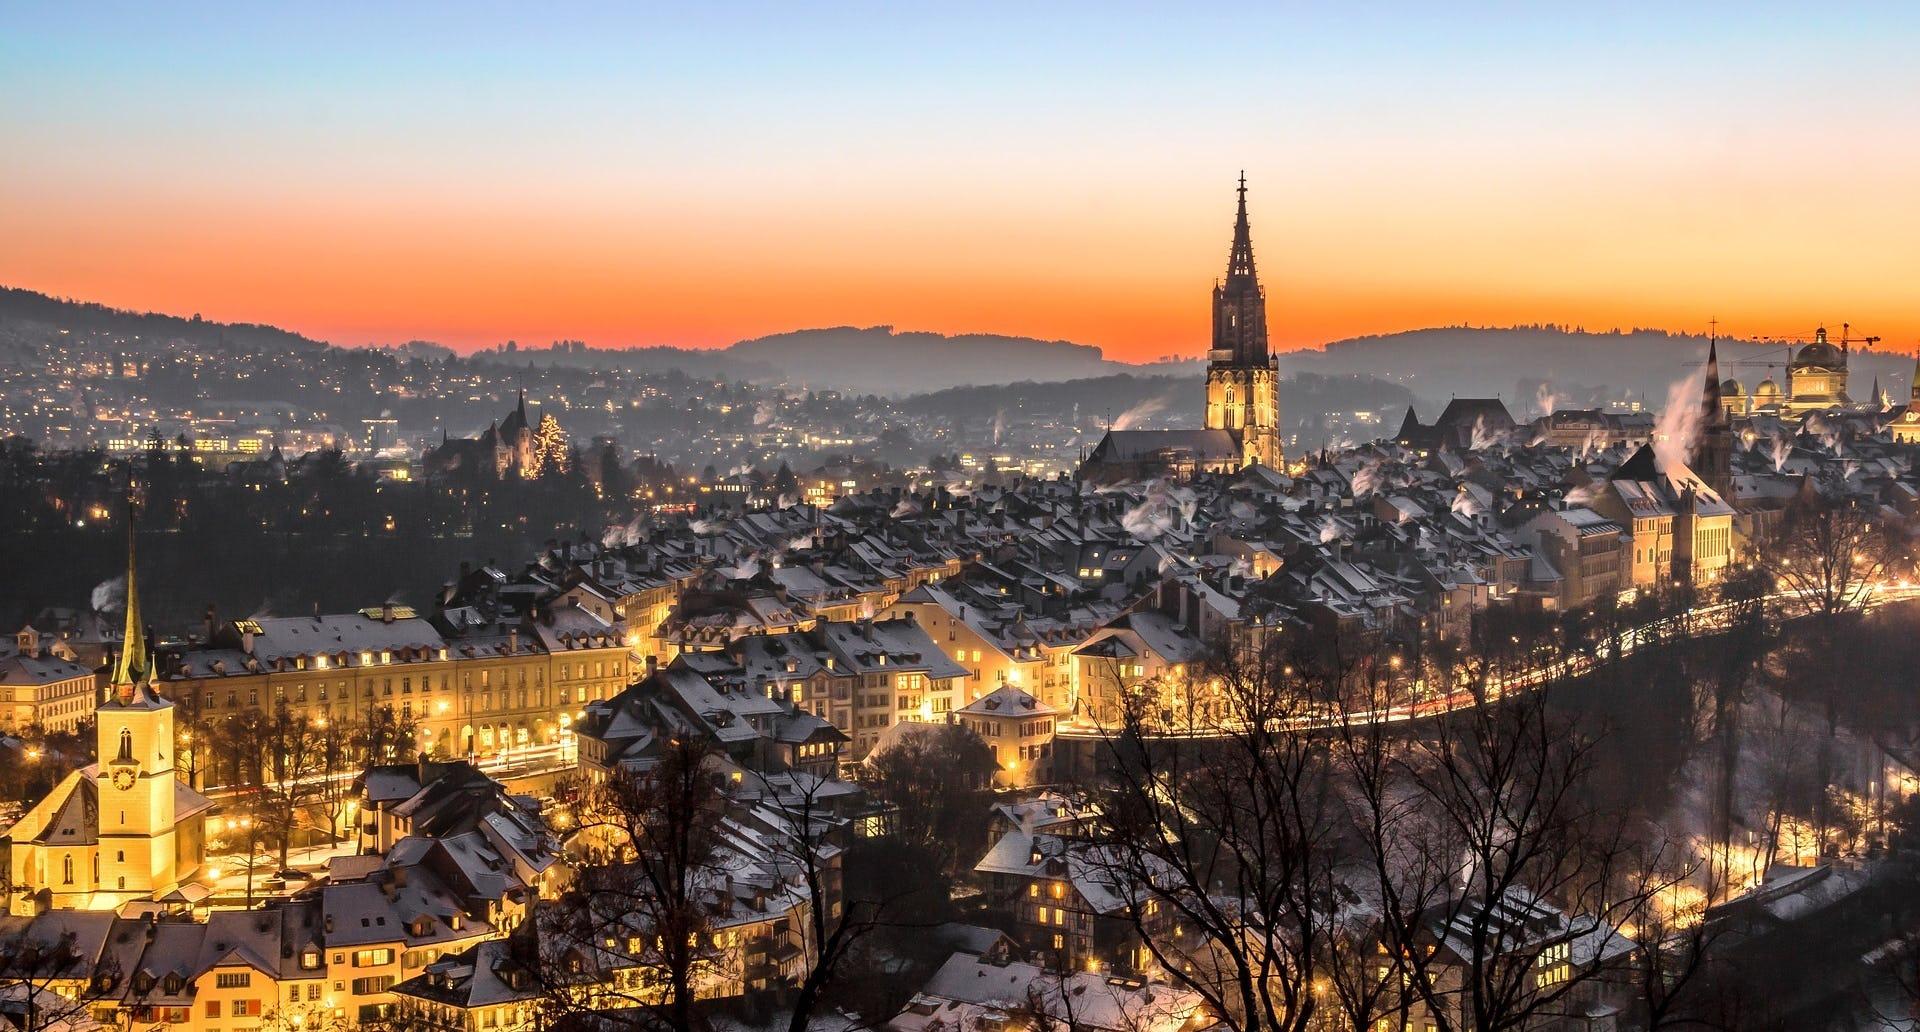 Bern by night Zibelemärit mit Ramsauer Carreisen GmbH